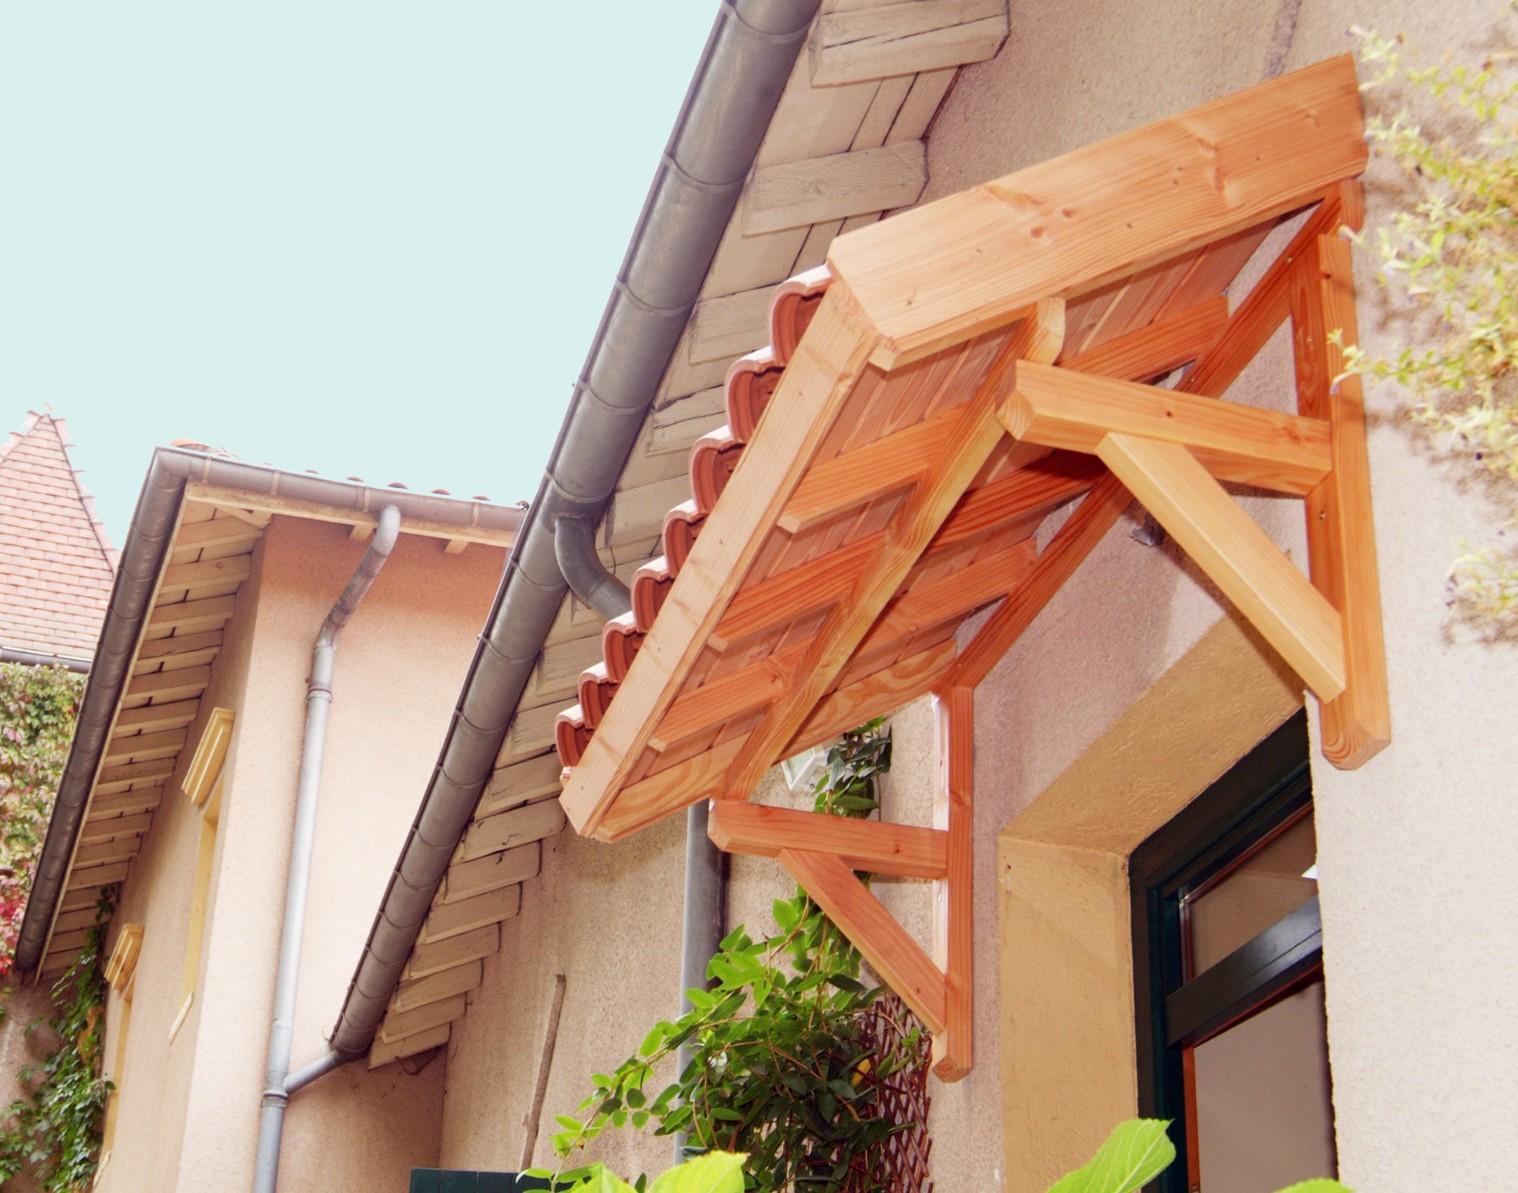 toma podjed s p krovstvo kleparstvo obnova strehe ravne strehe kranj. Black Bedroom Furniture Sets. Home Design Ideas